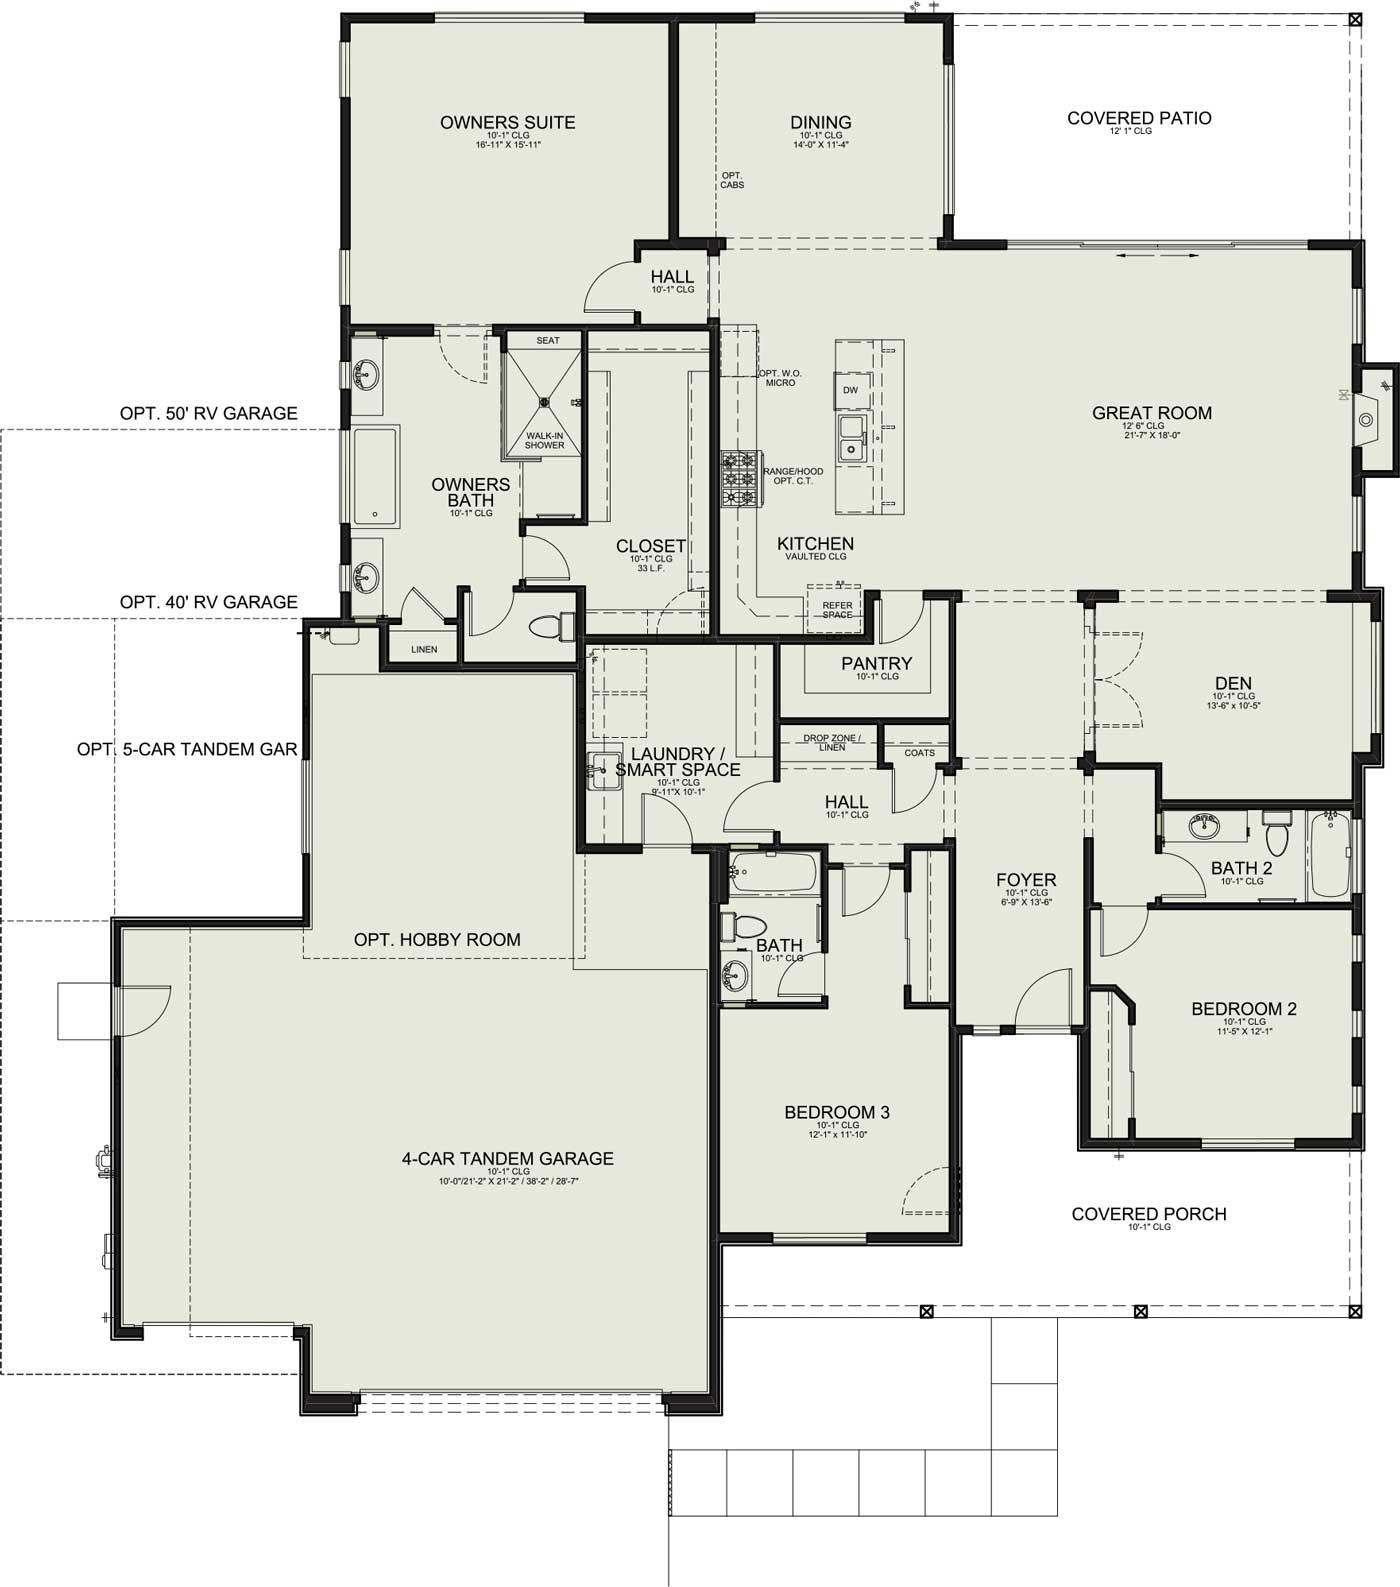 Homestead Floorplan